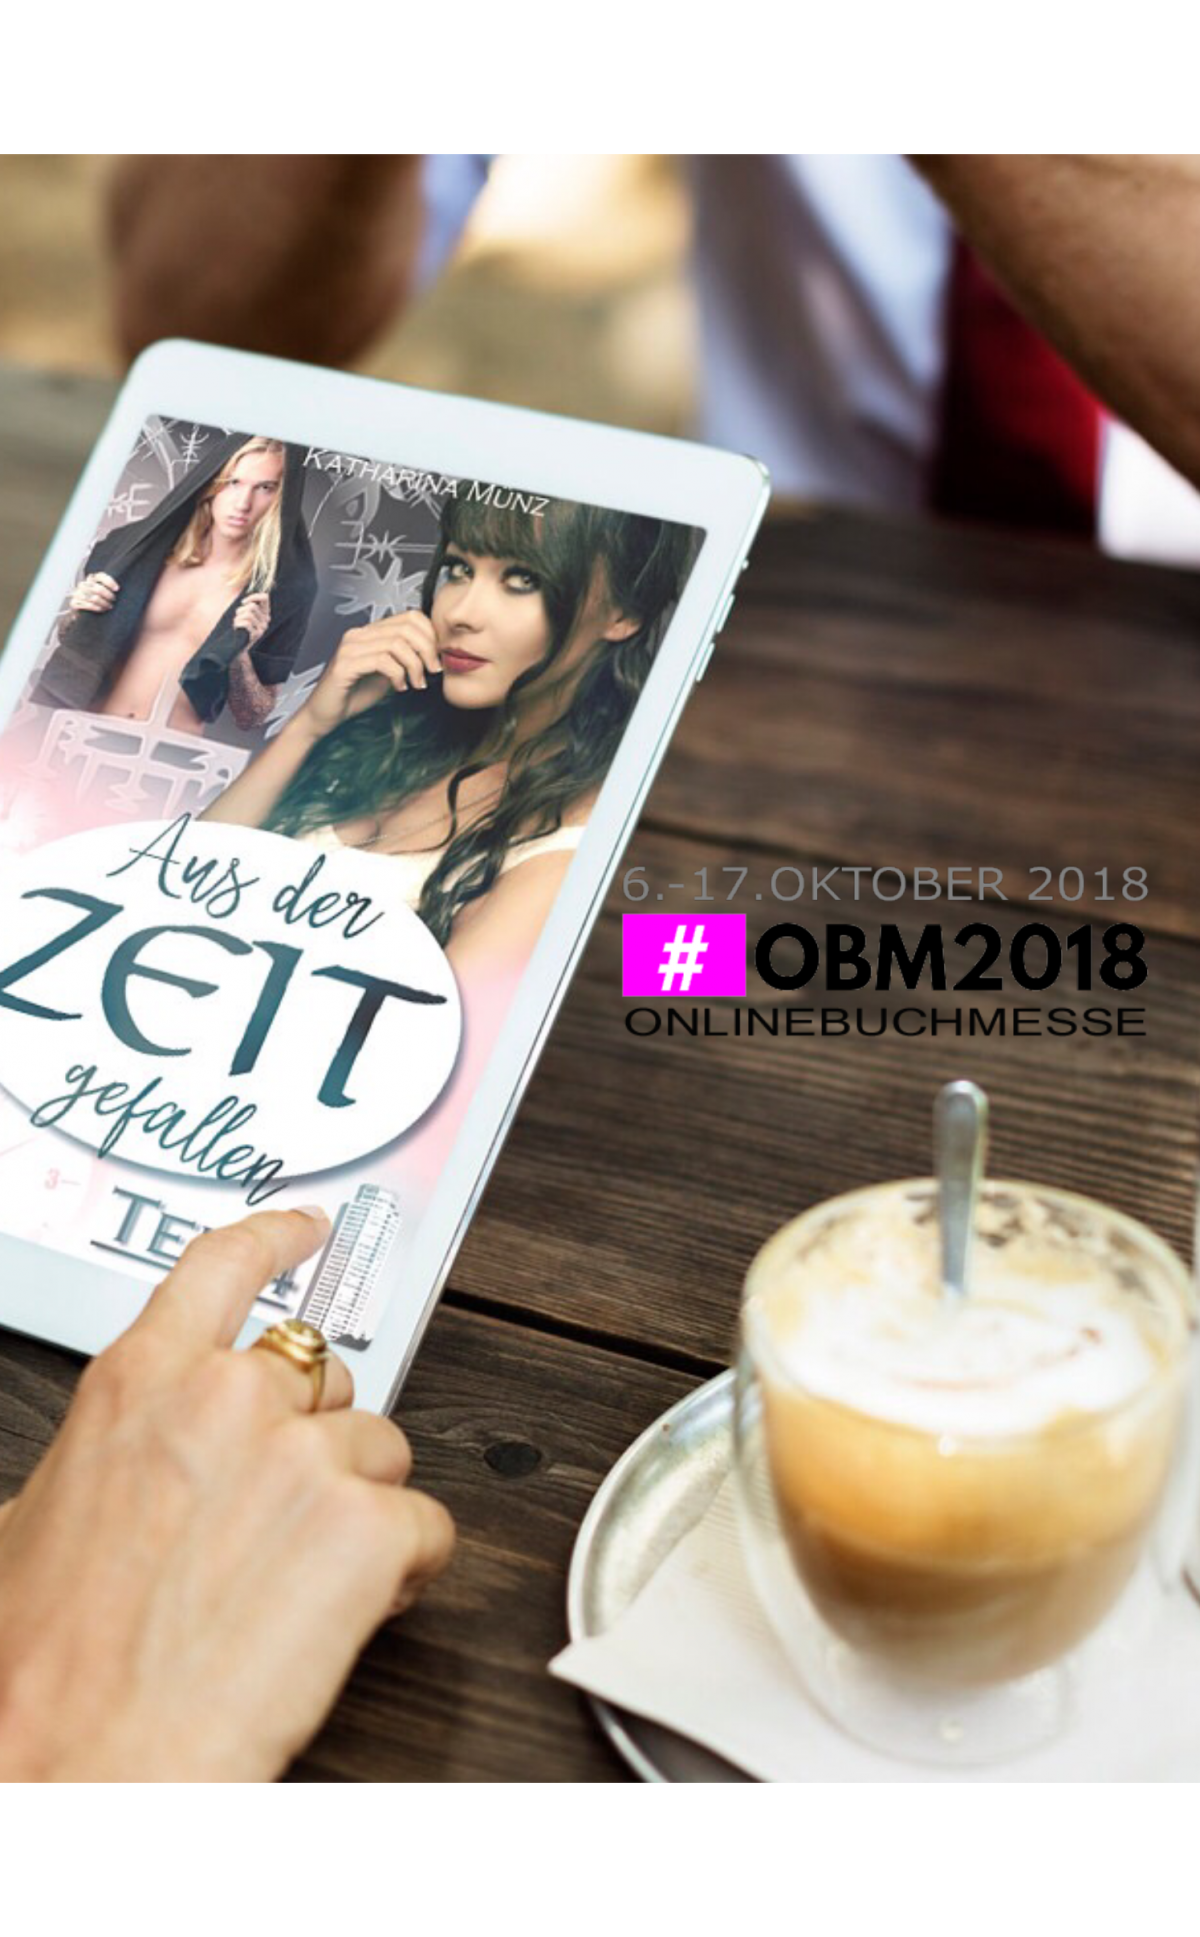 #obm2018 | Online Buchmesse 2018 vom 6. bis 17. Oktober